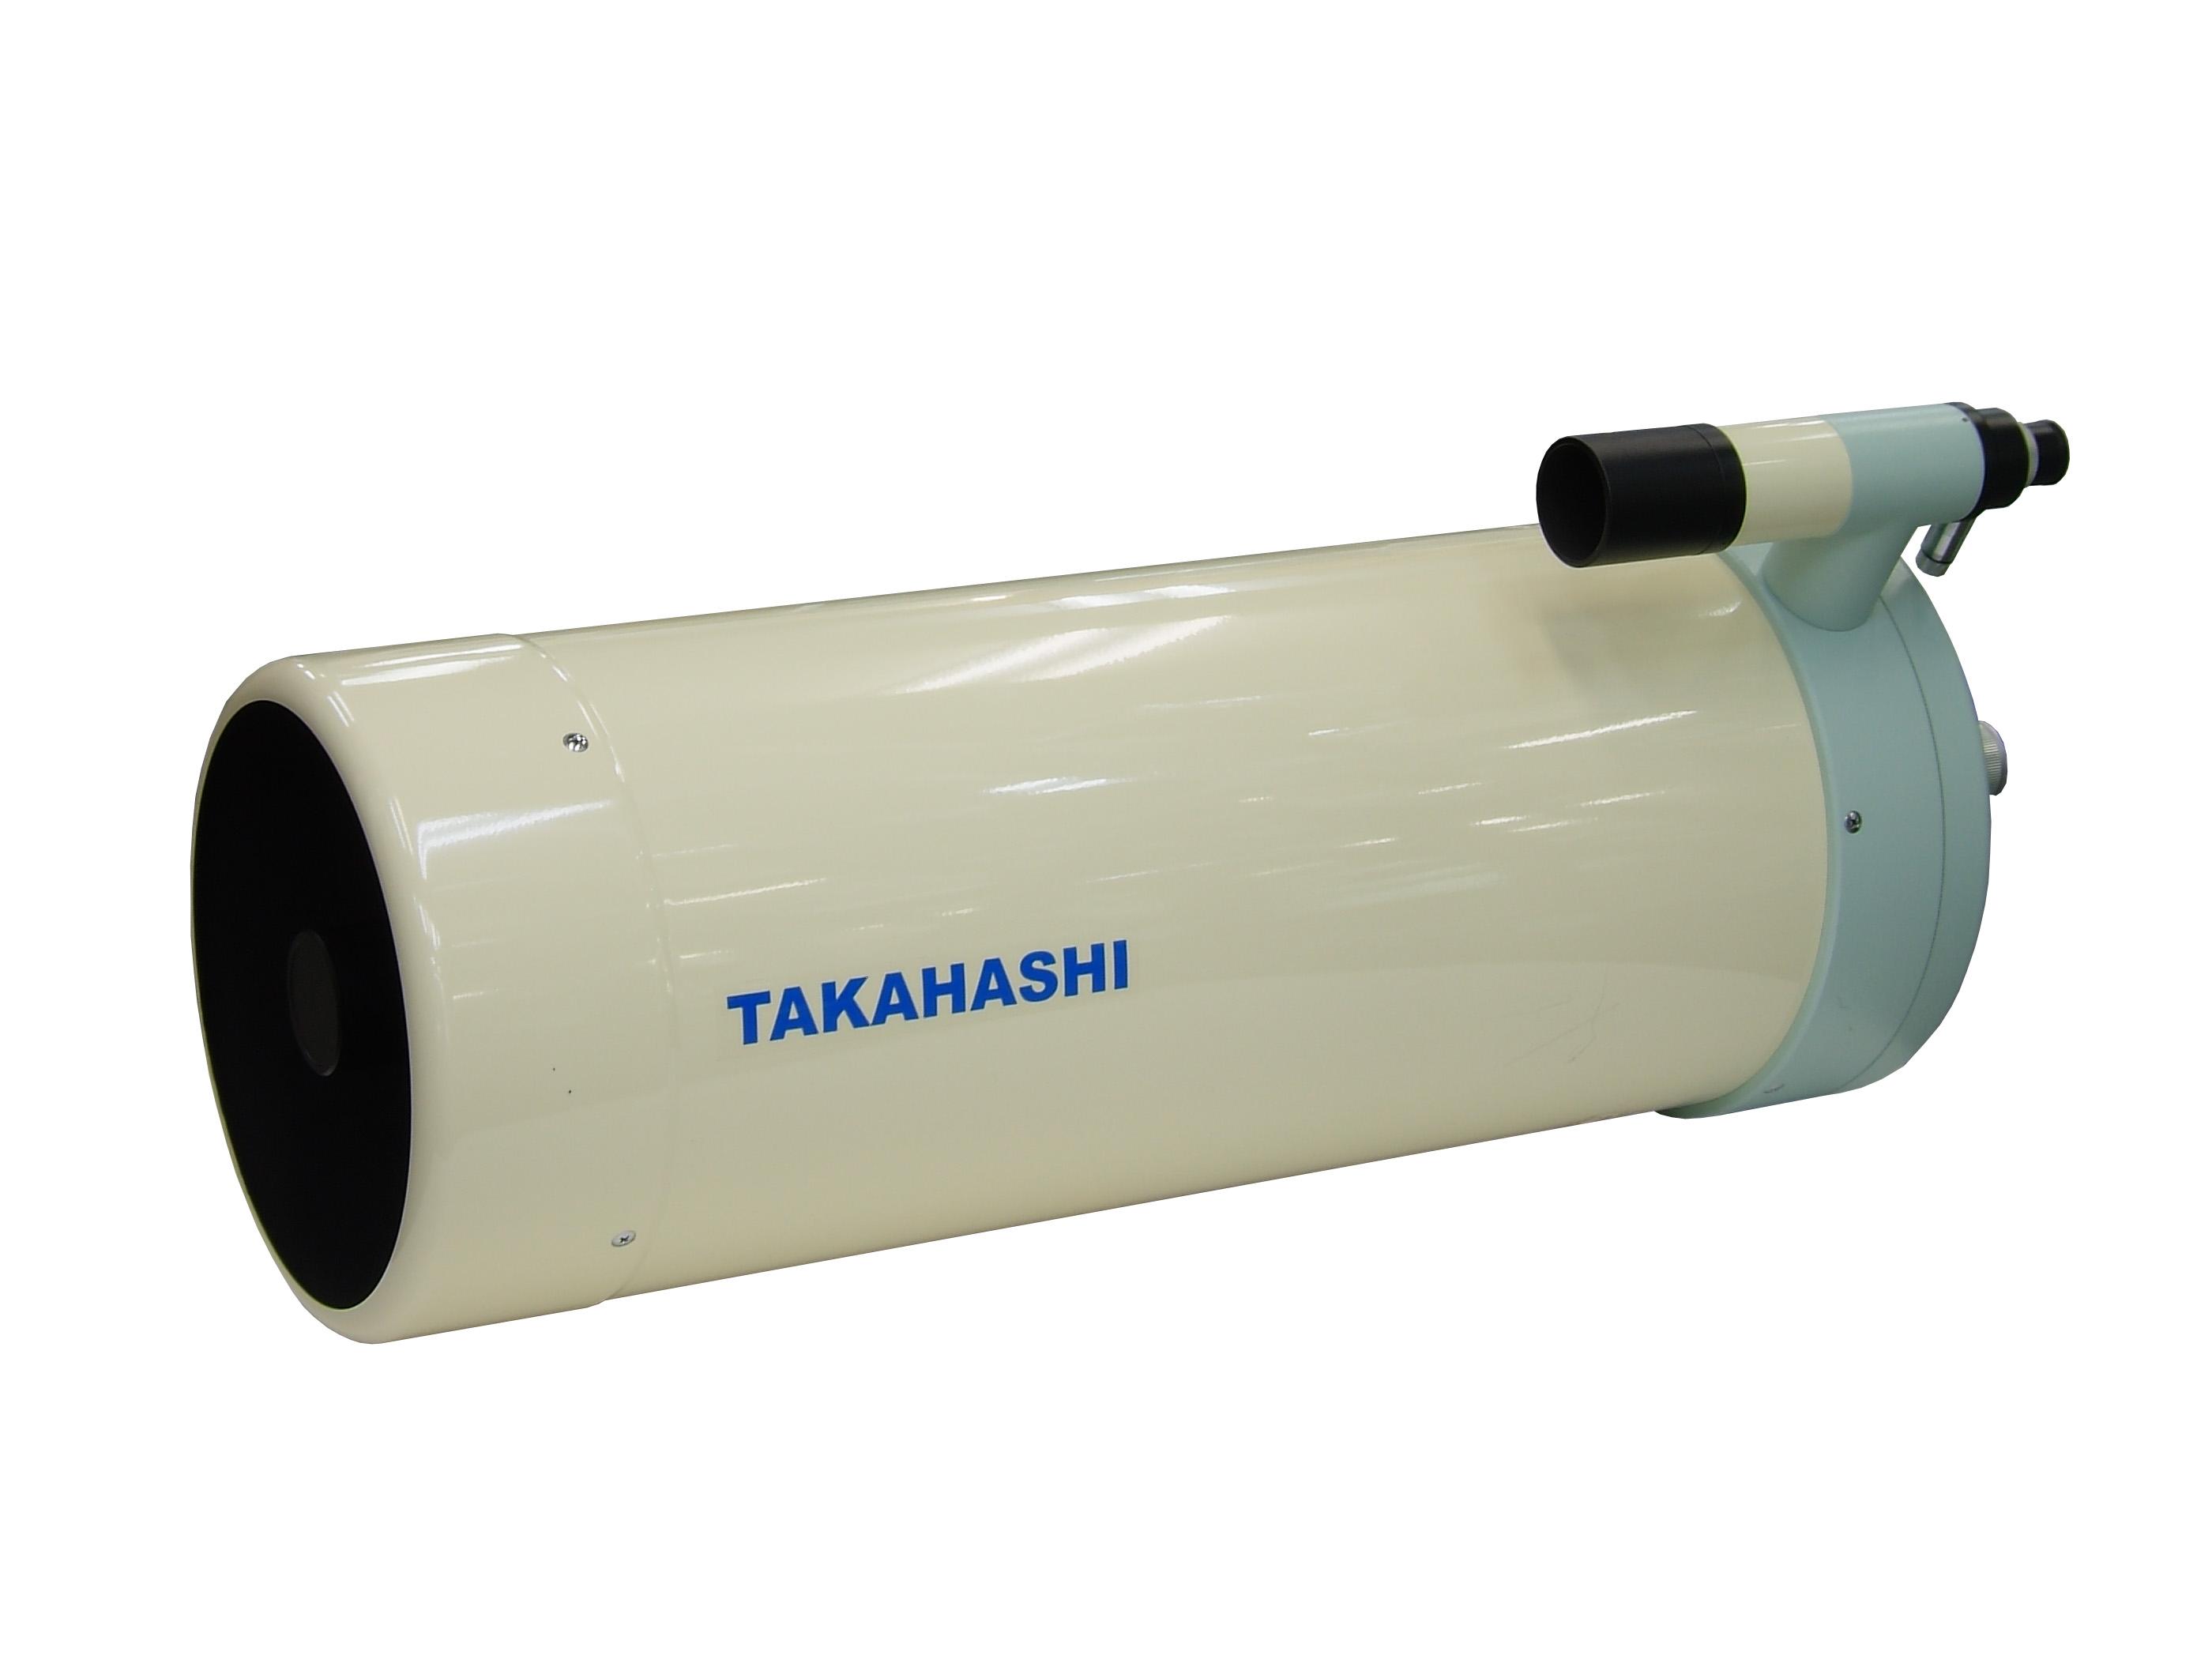 タカハシ μ(ミューロン)-250CRS鏡筒